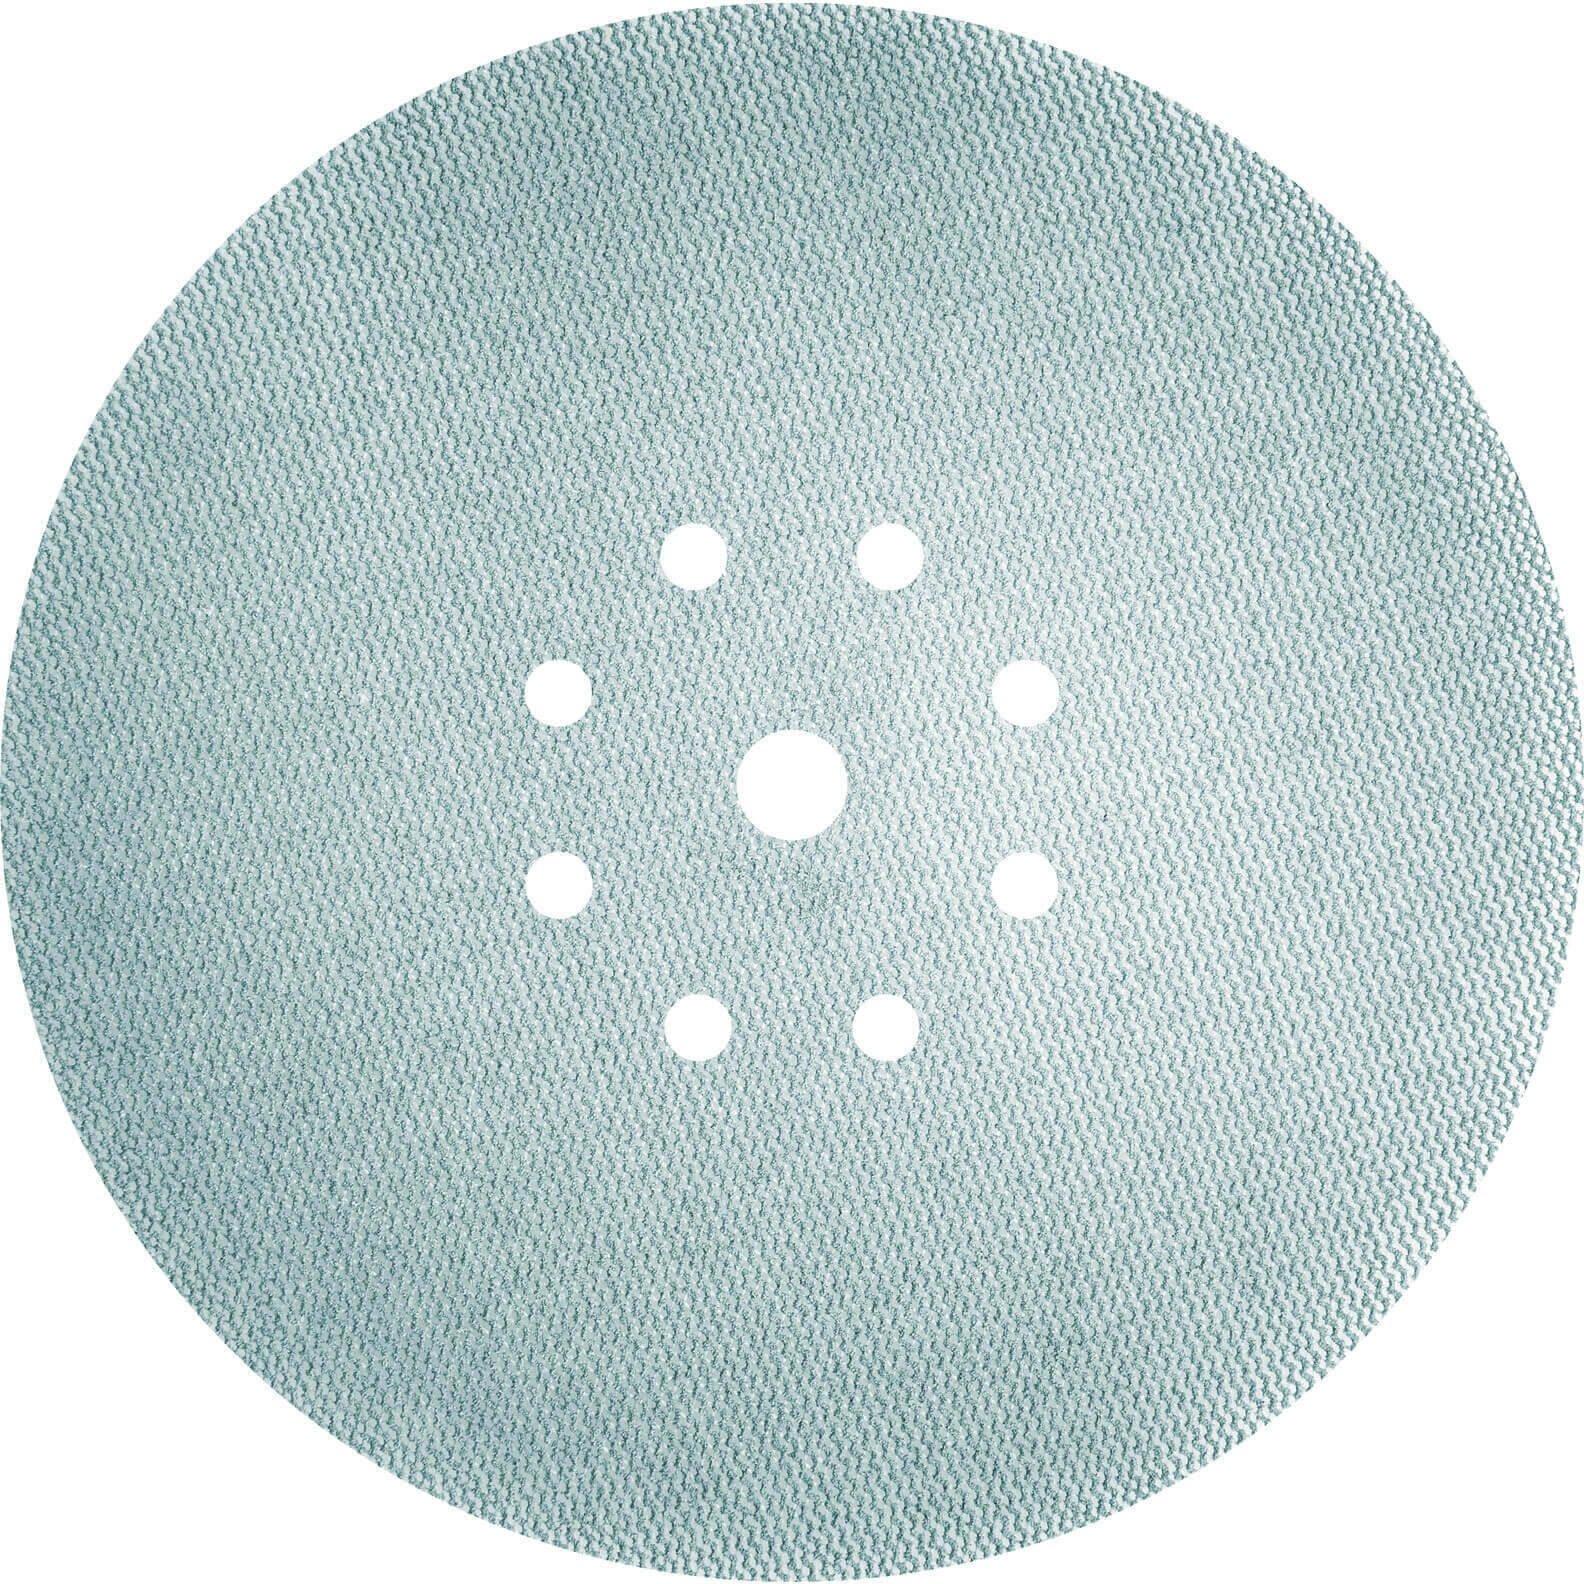 Festool 225mm New Granat Net Abrasive STF Sanding Disc 225mm 120g Pack of 25